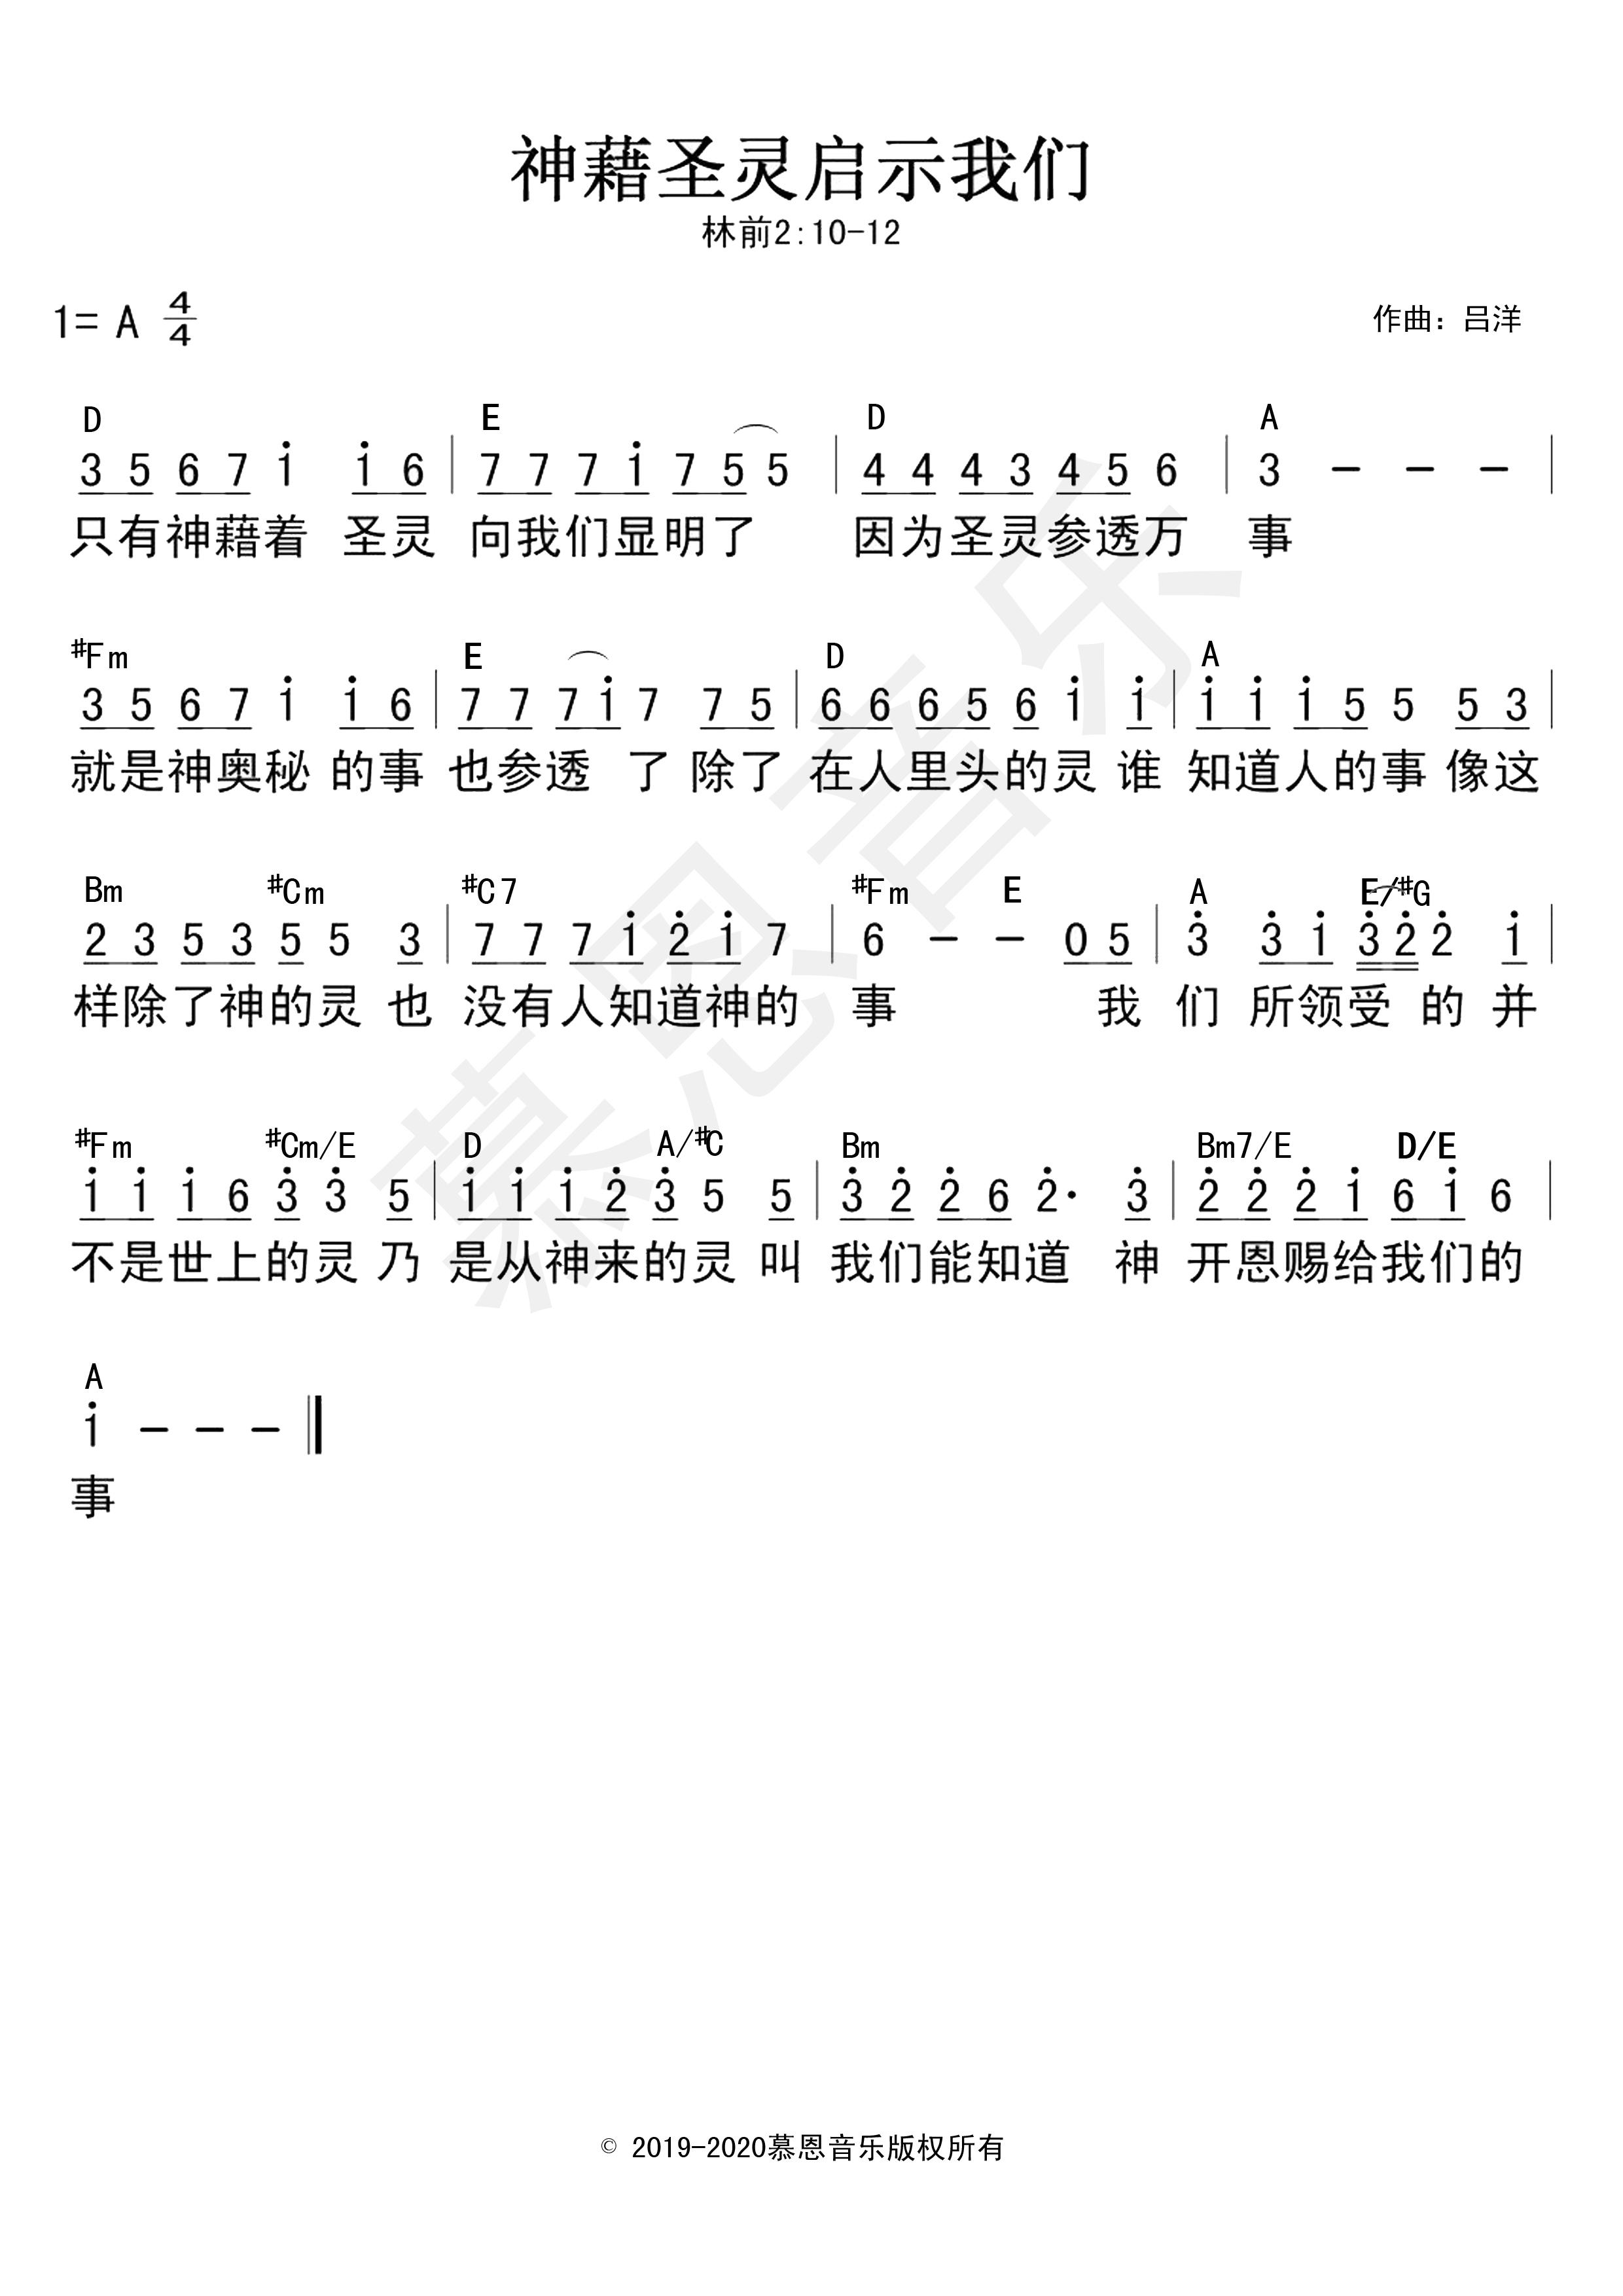 《第92首 神藉圣灵启示我们 官方和弦简谱》